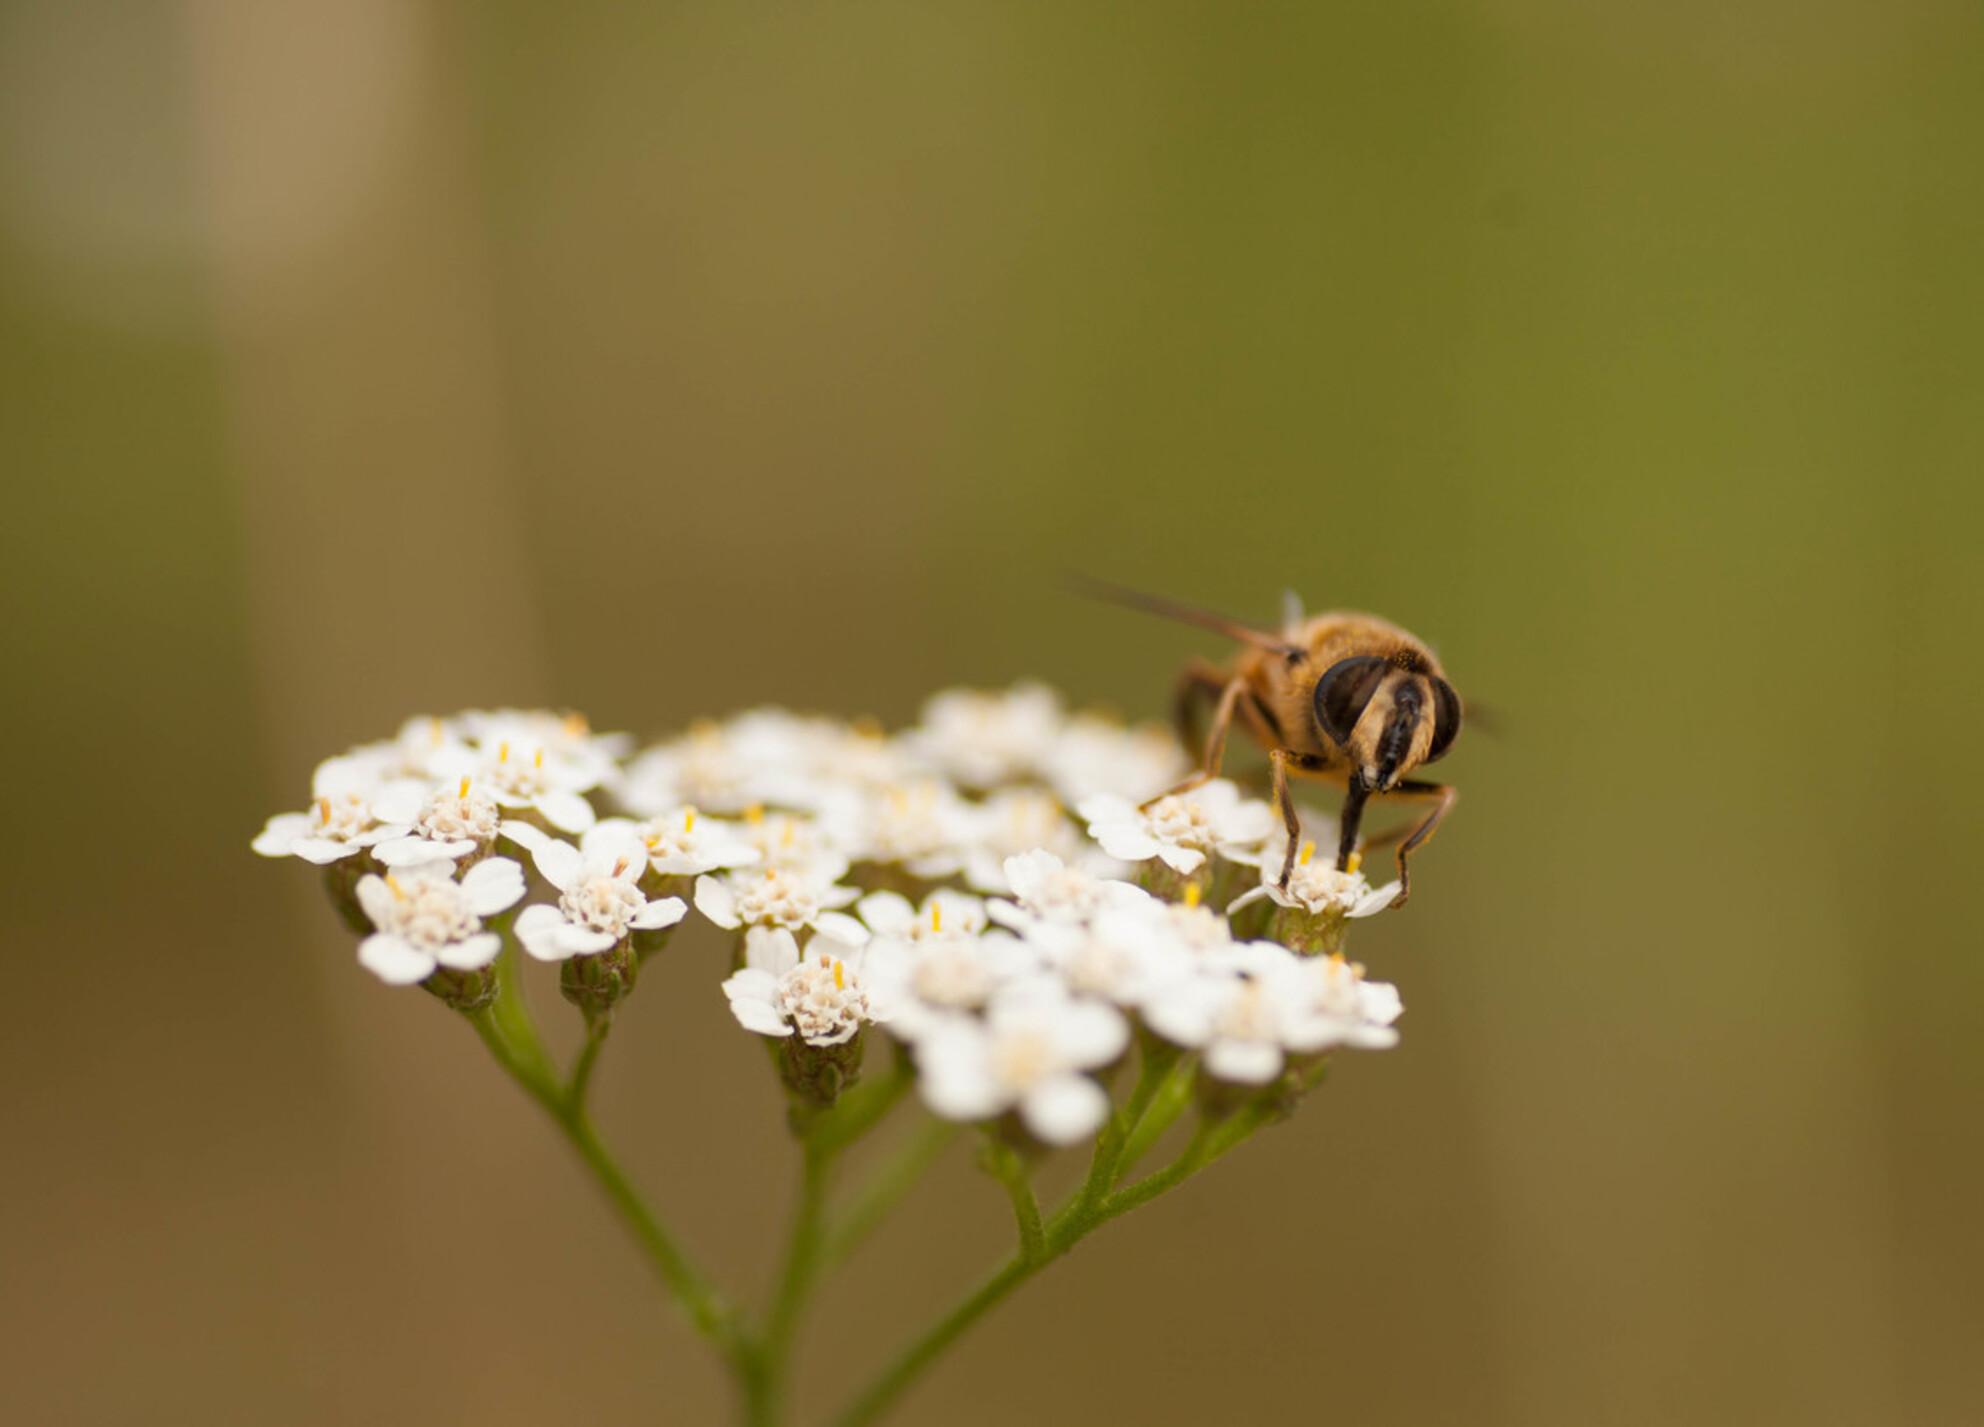 black and yelow - de zomer brengt ook deze mooie maar soms ook vervelende wezens met zich mee - foto door fotograaf19 op 30-06-2017 - deze foto bevat: macro, bloem, wesp, natuur, geel, zomer, insect, bokeh